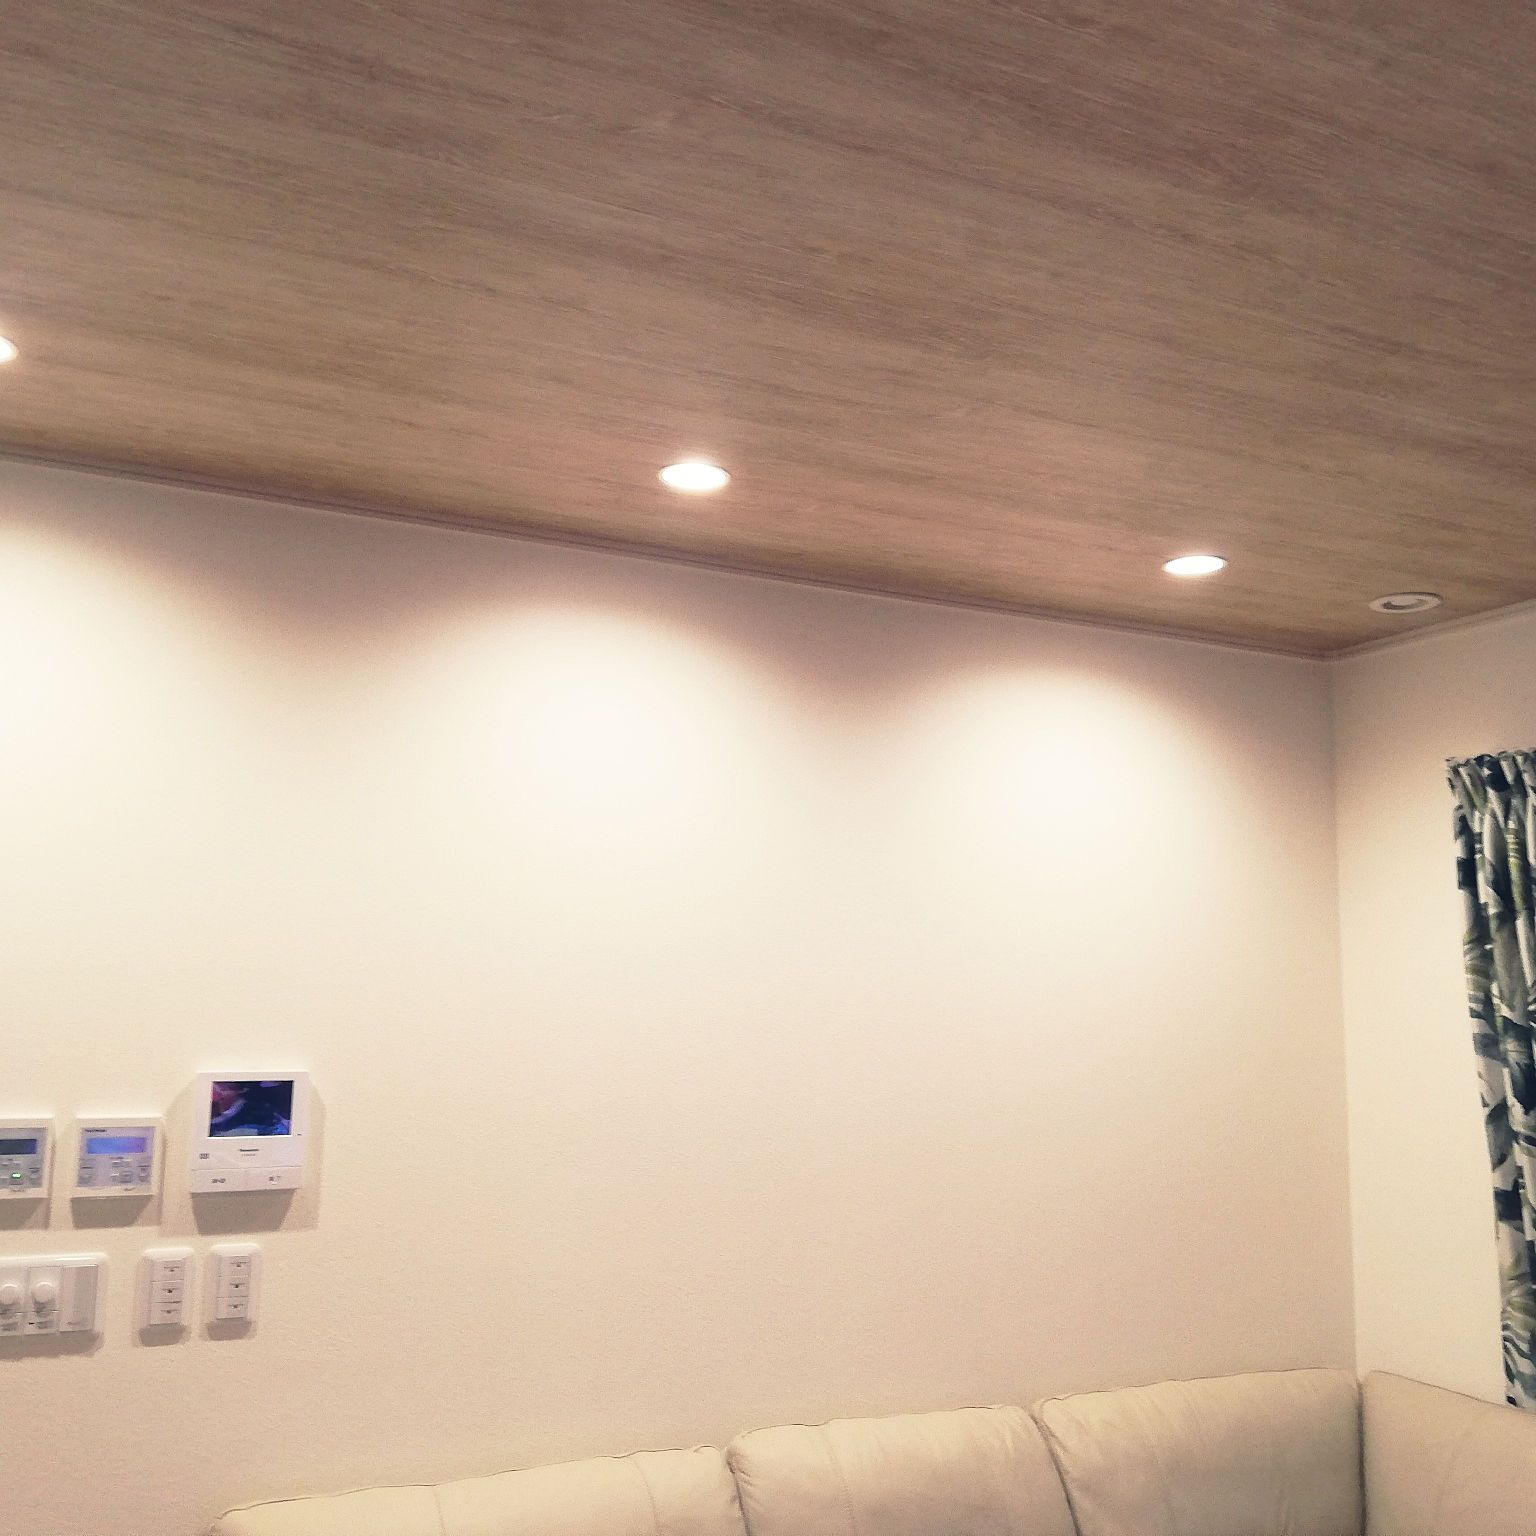 木目調壁紙 木目壁紙 木目クロス 木目クロス天井 木目天井 などの